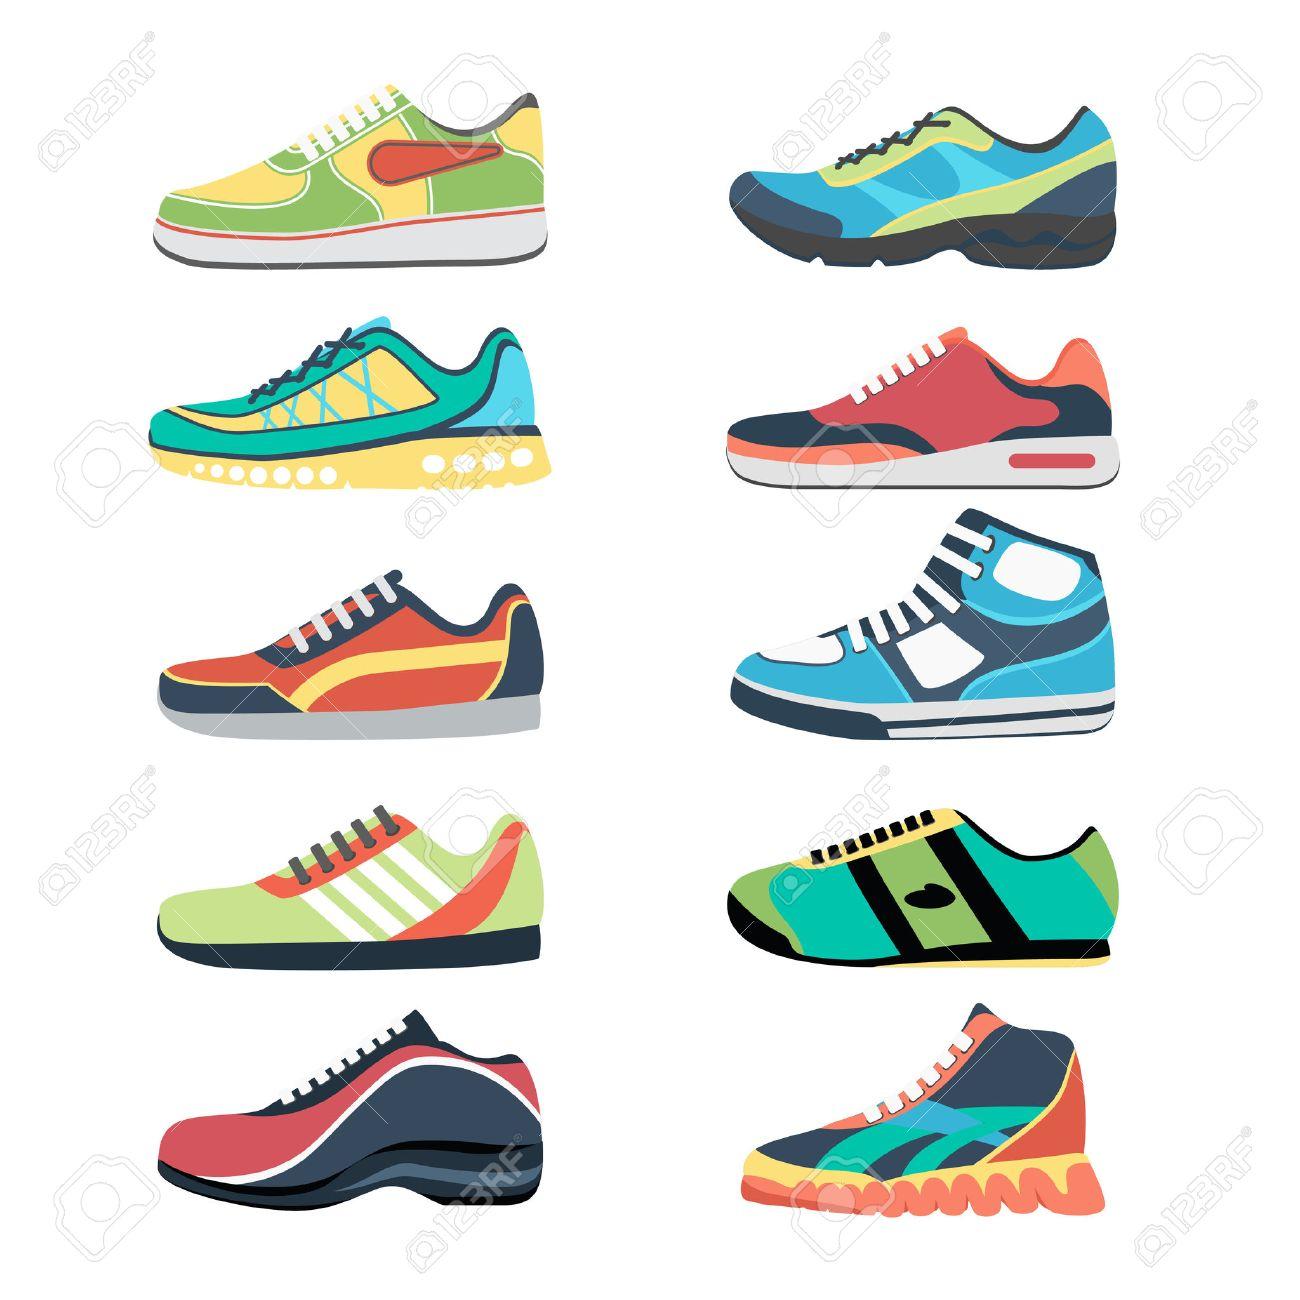 Chaussures de sport set. Sportwear de mode, baskets tous les jours, vêtements de chaussures illustration